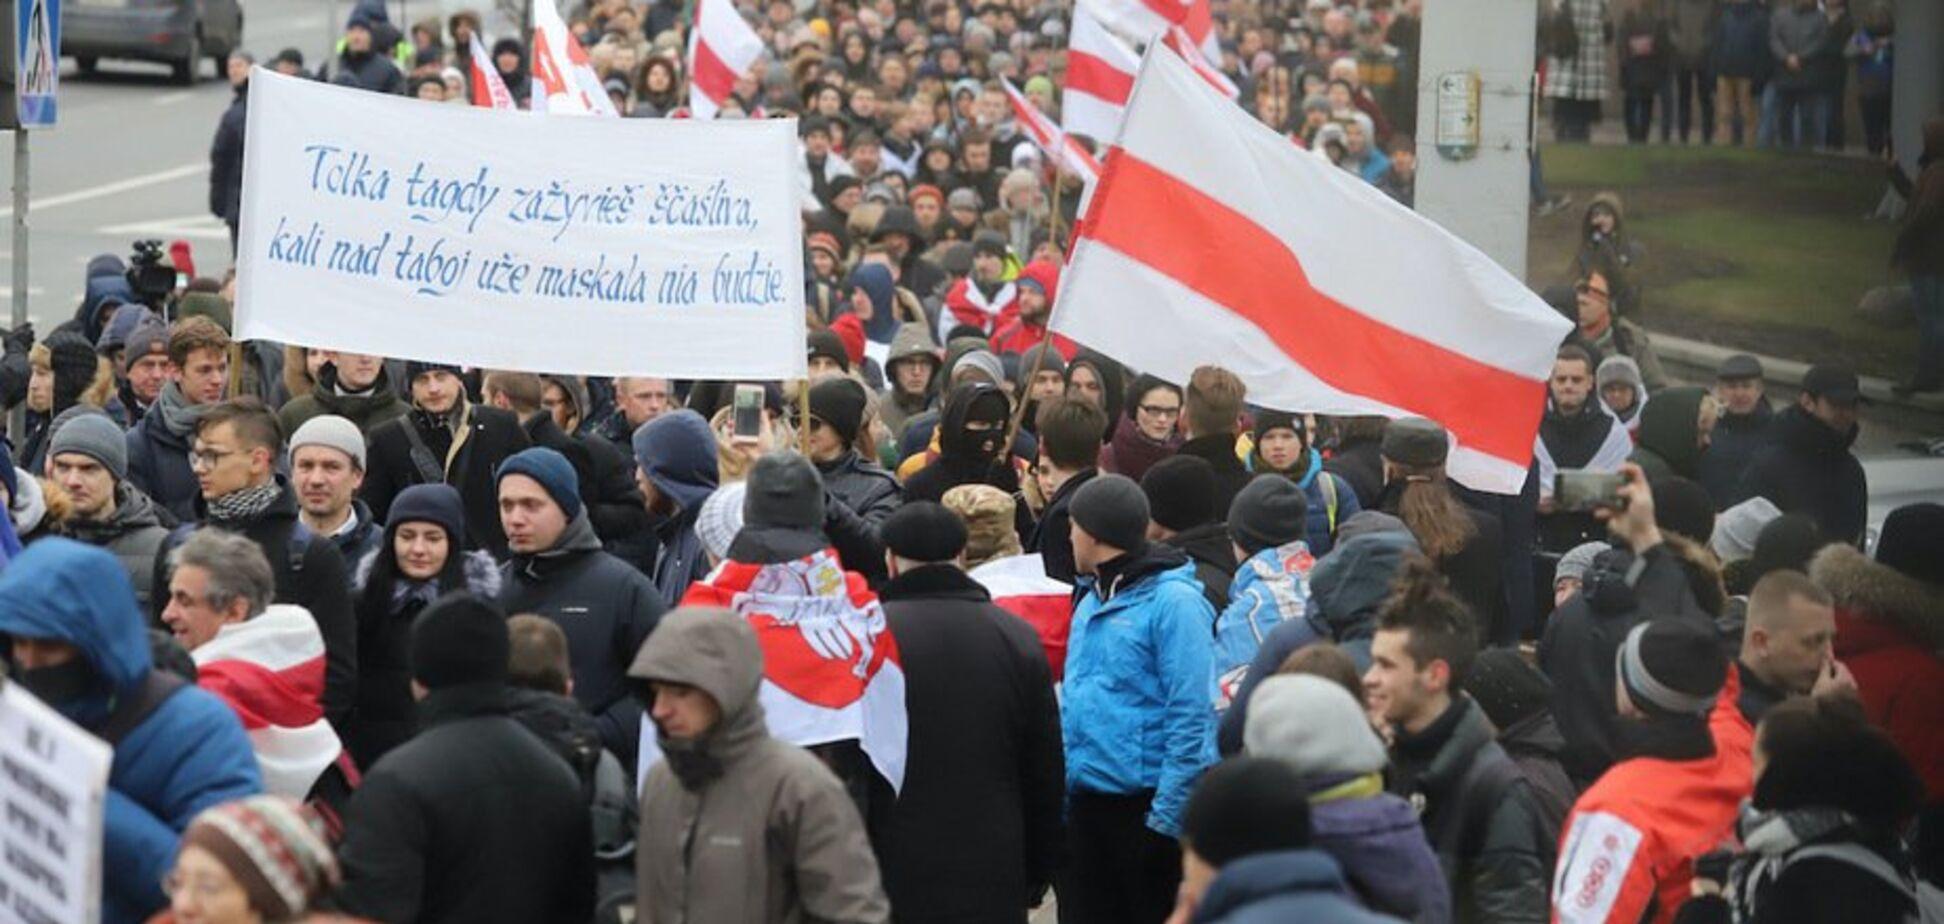 Білорусь охопили нові протести проти союзу з Росією: всі подробиці, фото і відео